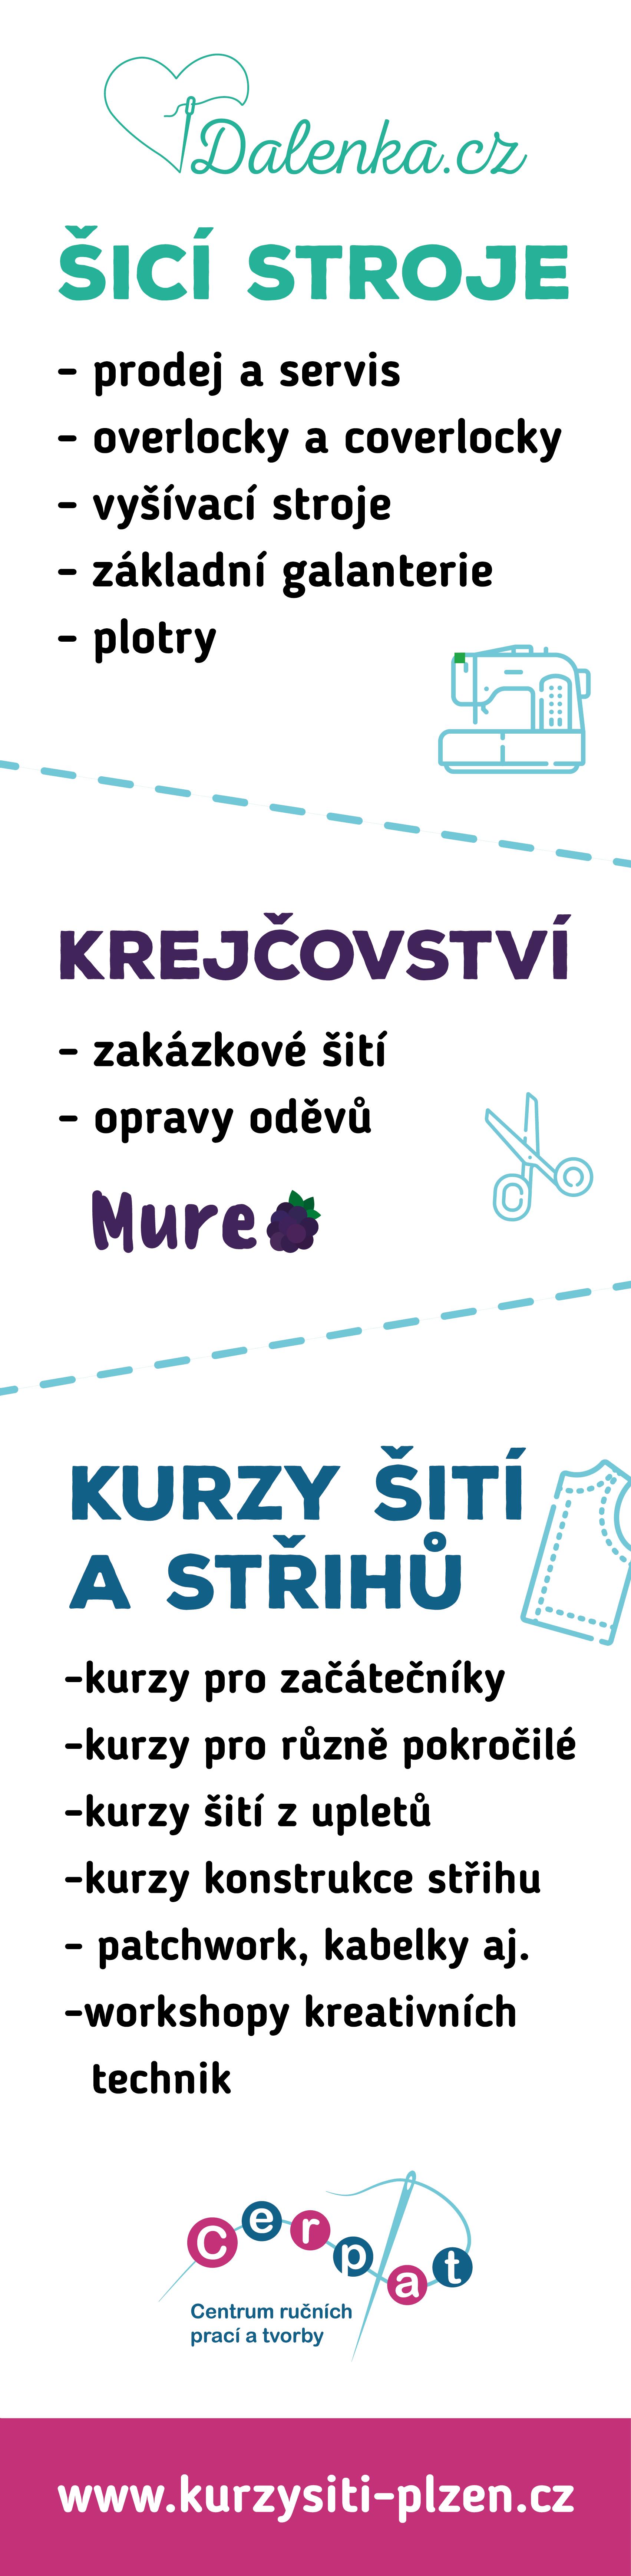 Dalenka.cz Kurzy šití Plzeň